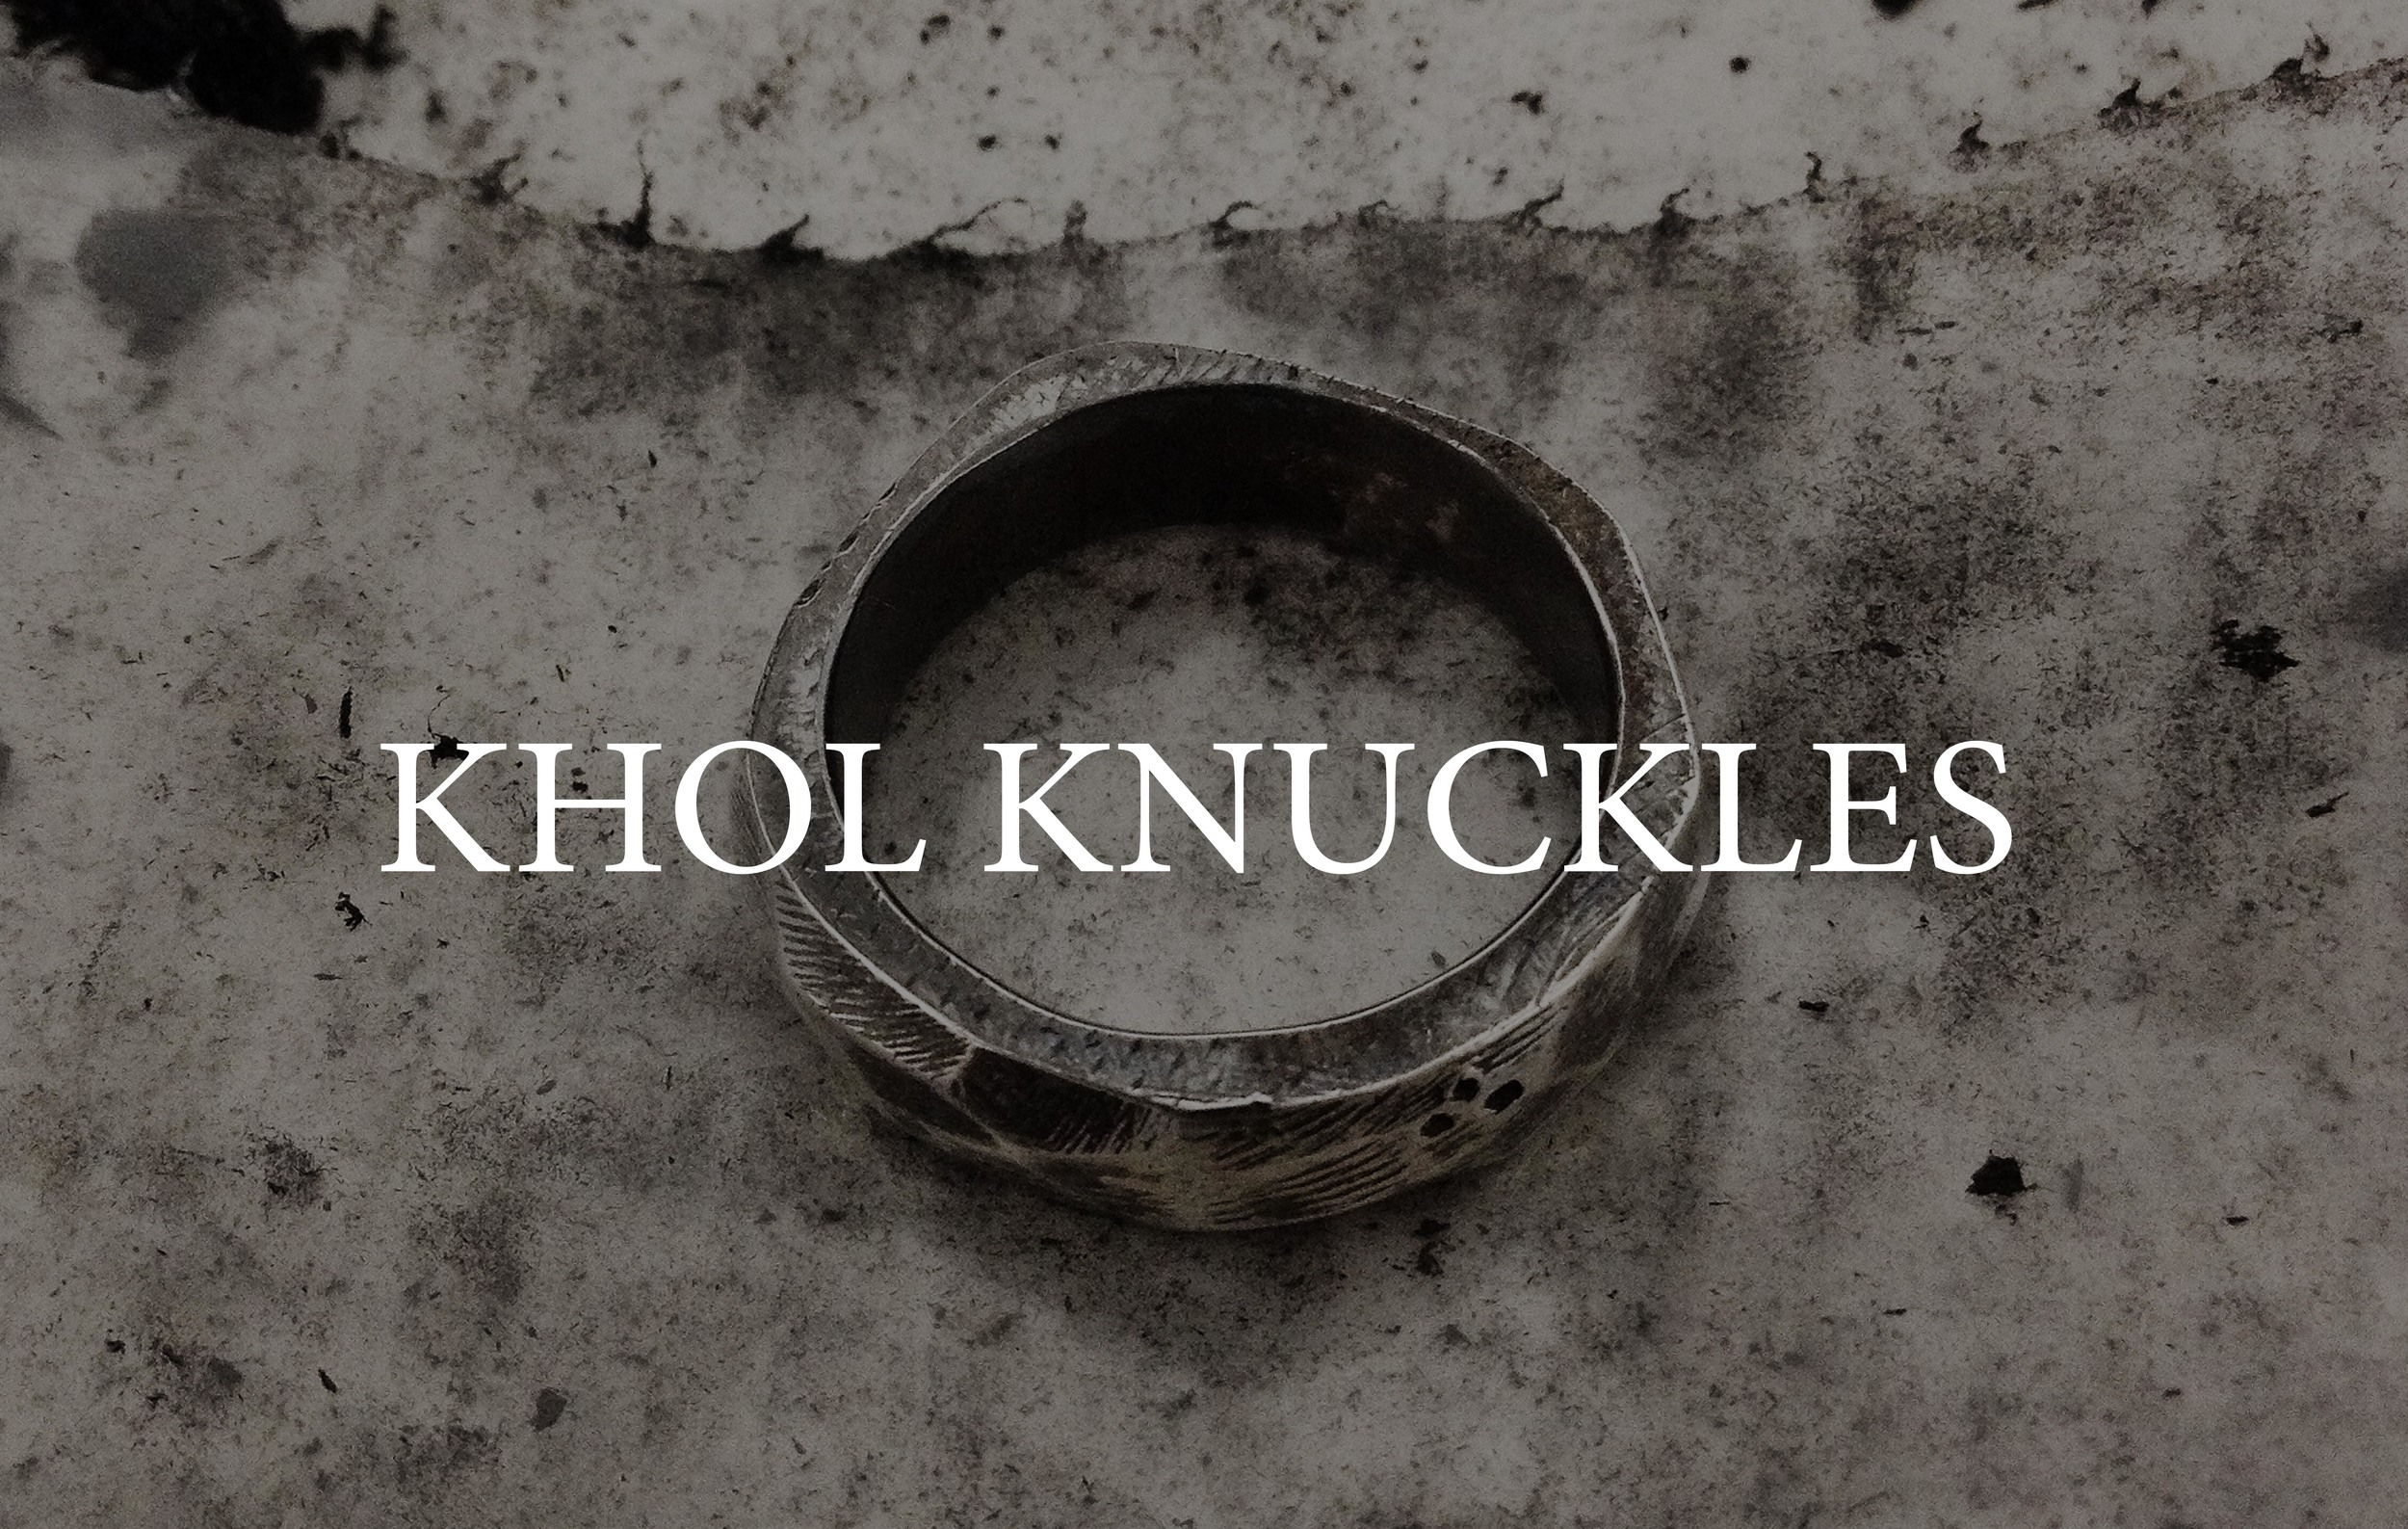 Kohl Knuckles by Raw Taste